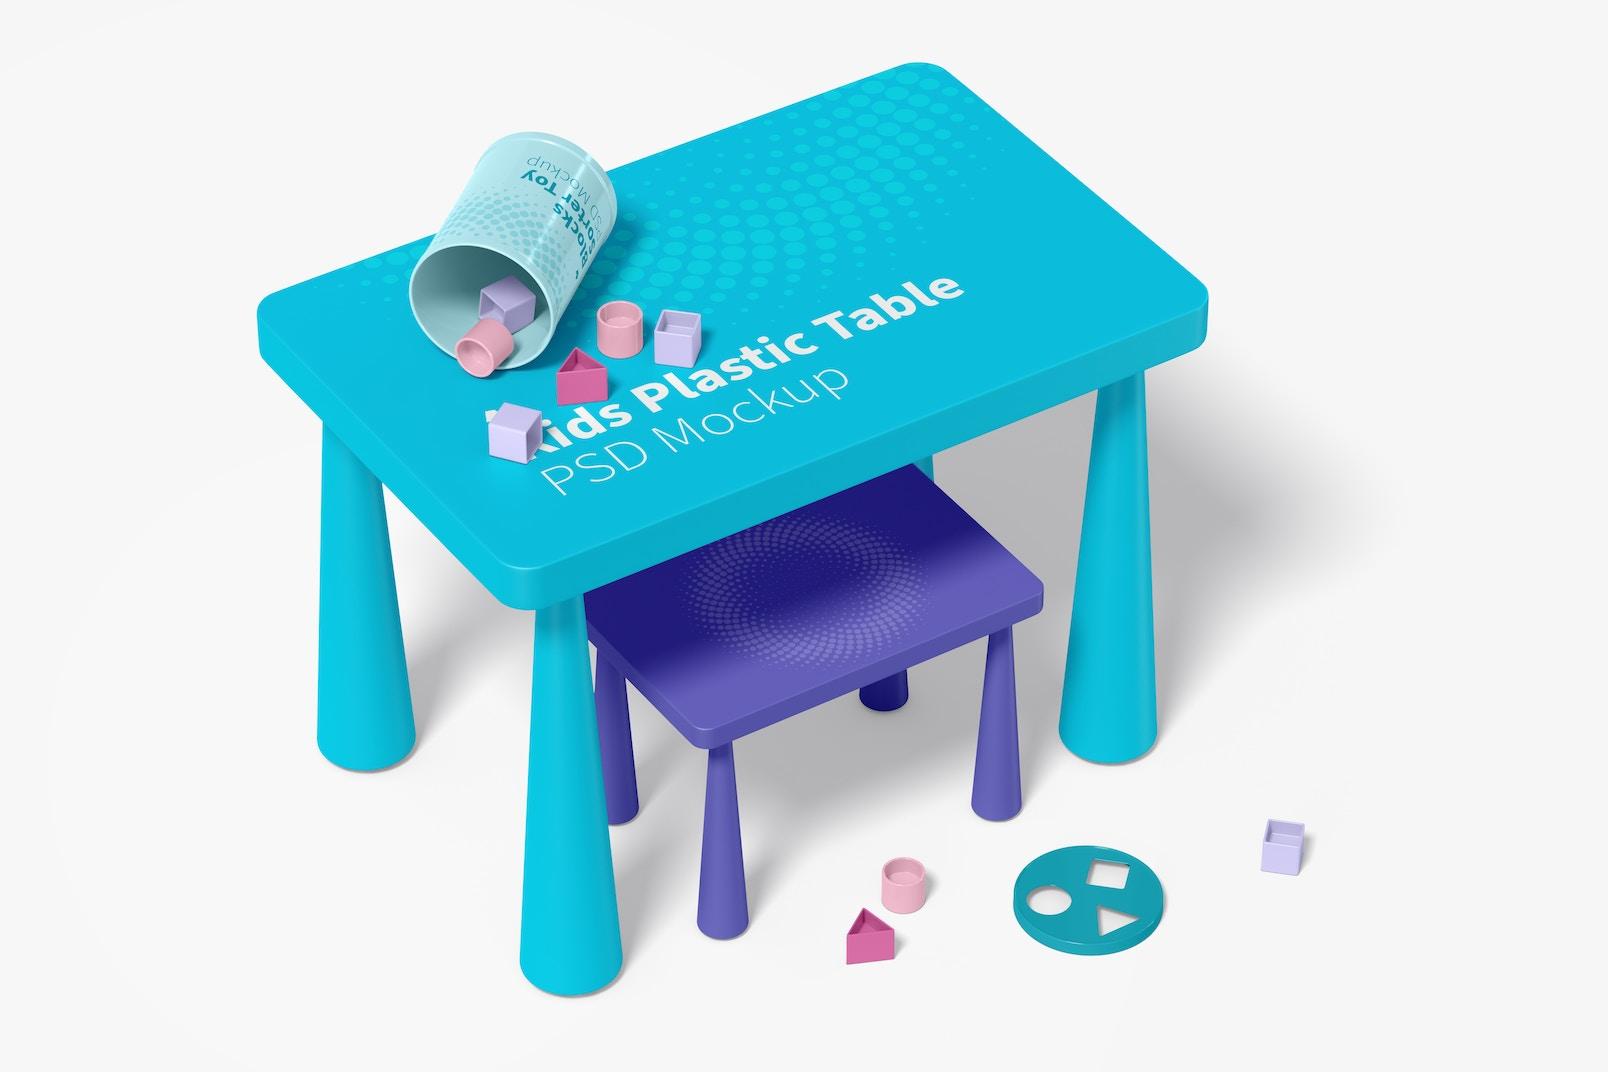 Kids Plastic Table Mockup